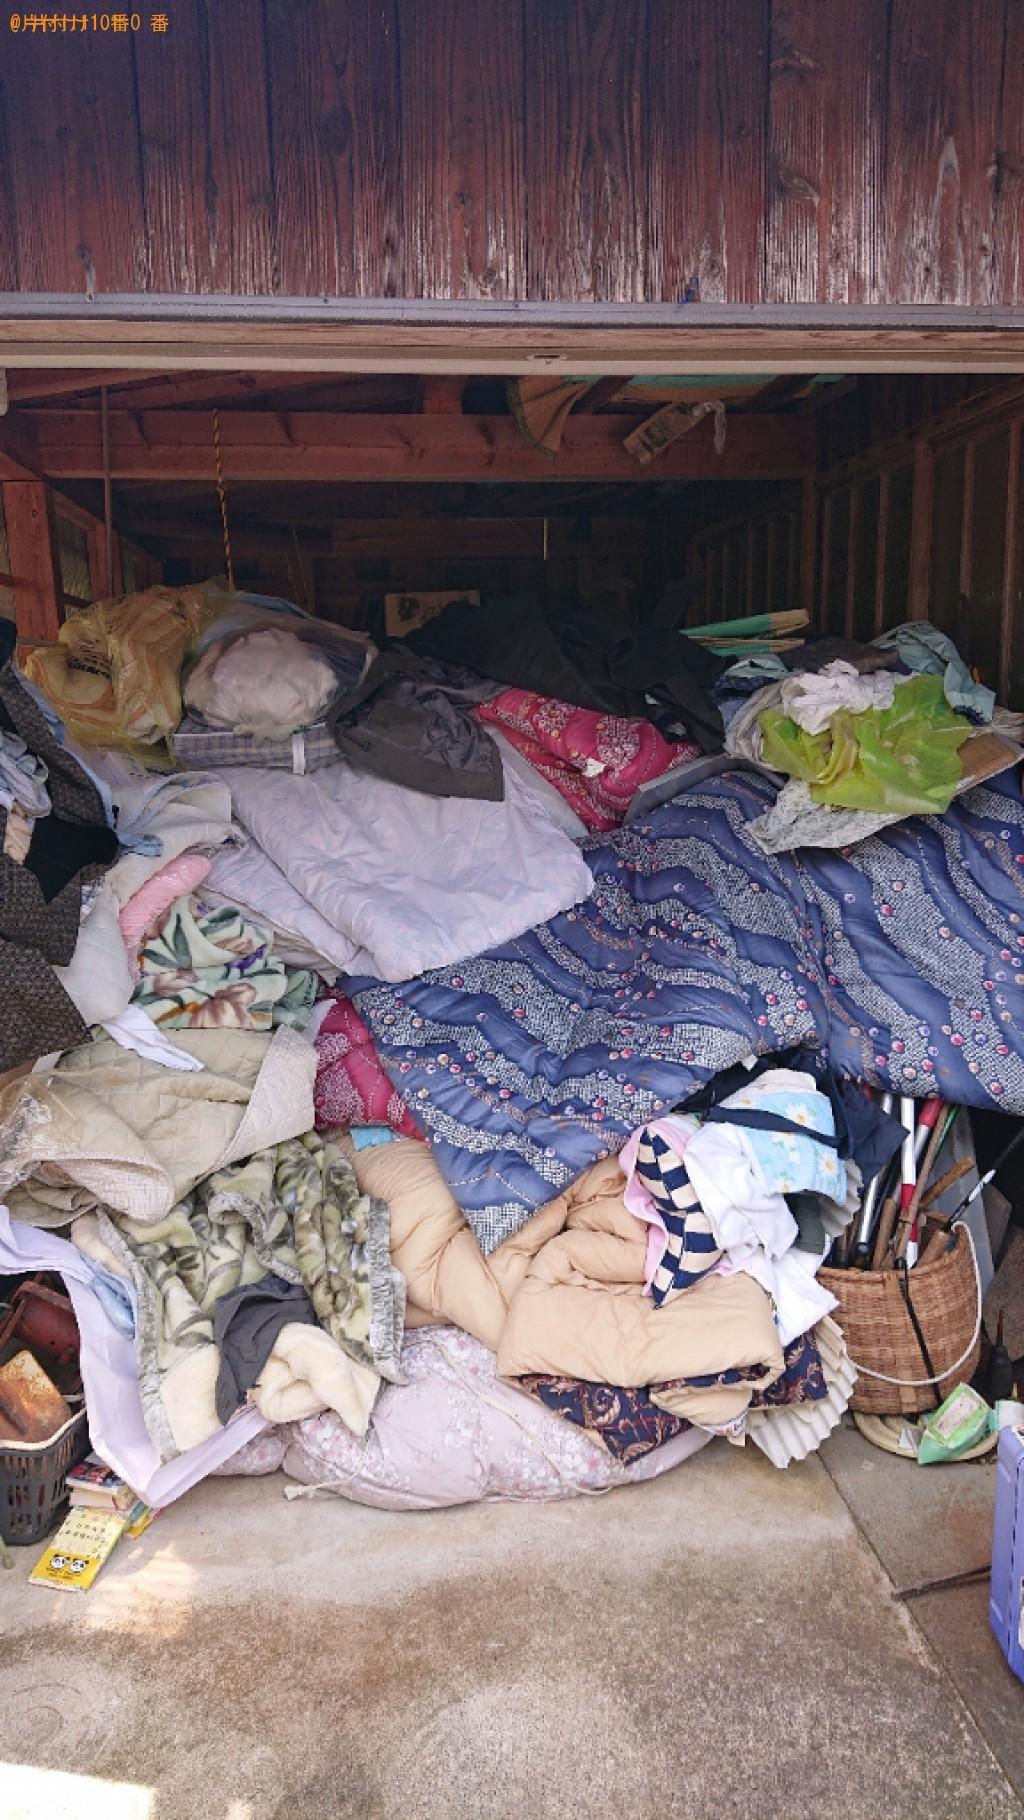 【小浜市】トラックパックでの出張不用品回収・処分ご依頼